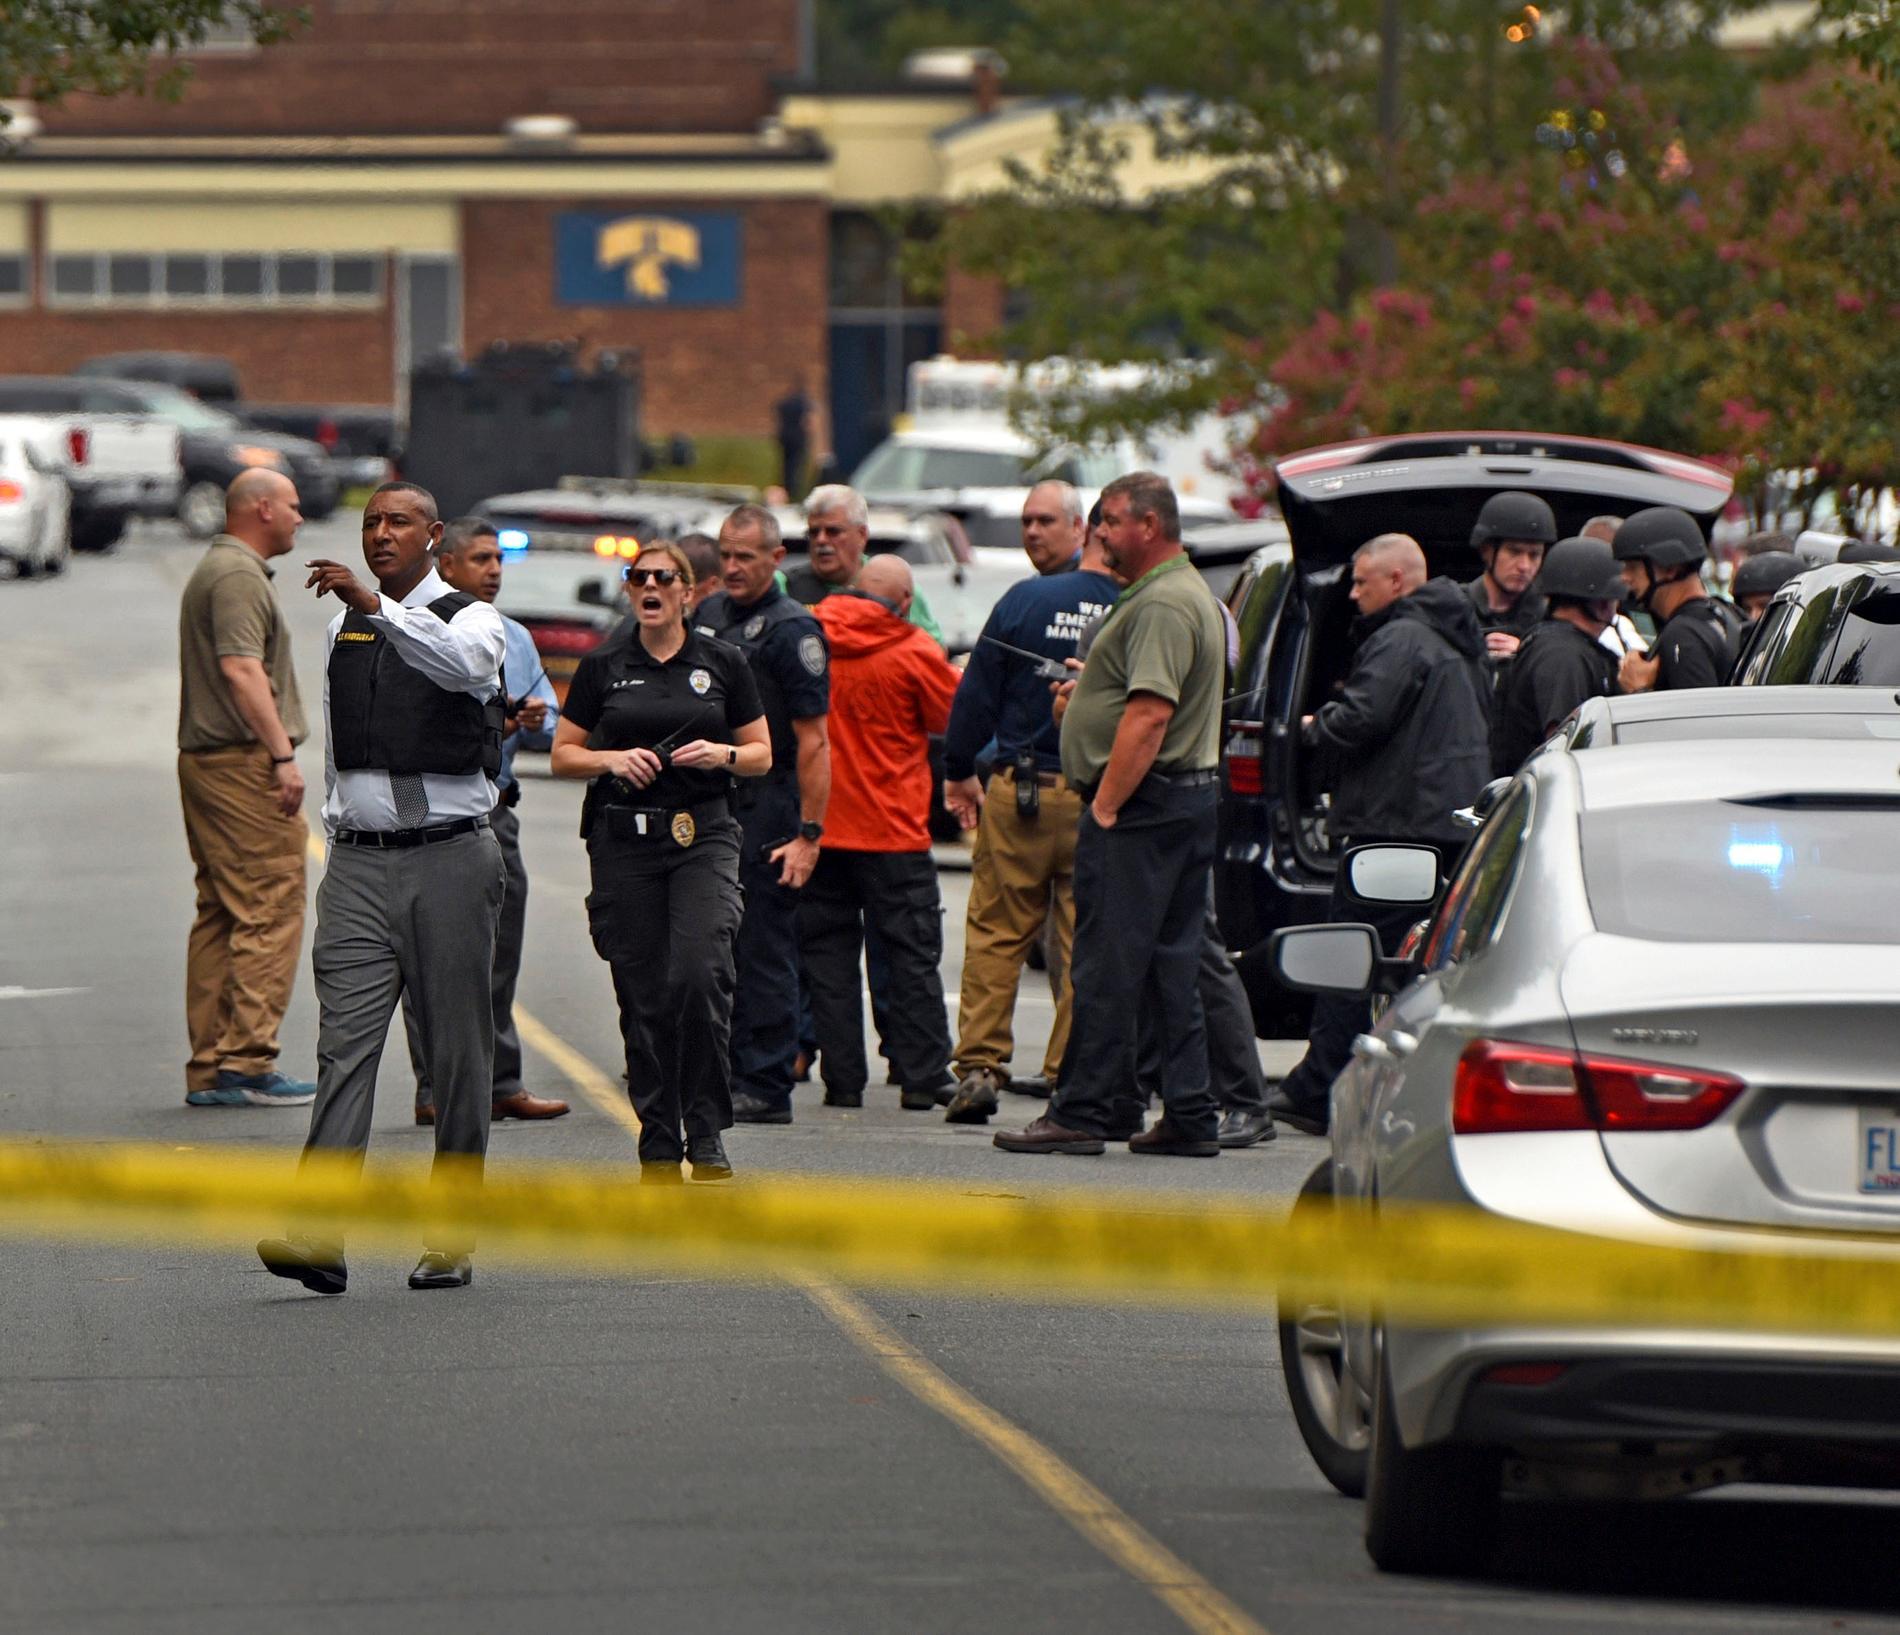 Polis på plats vid skolan i North Carolina.